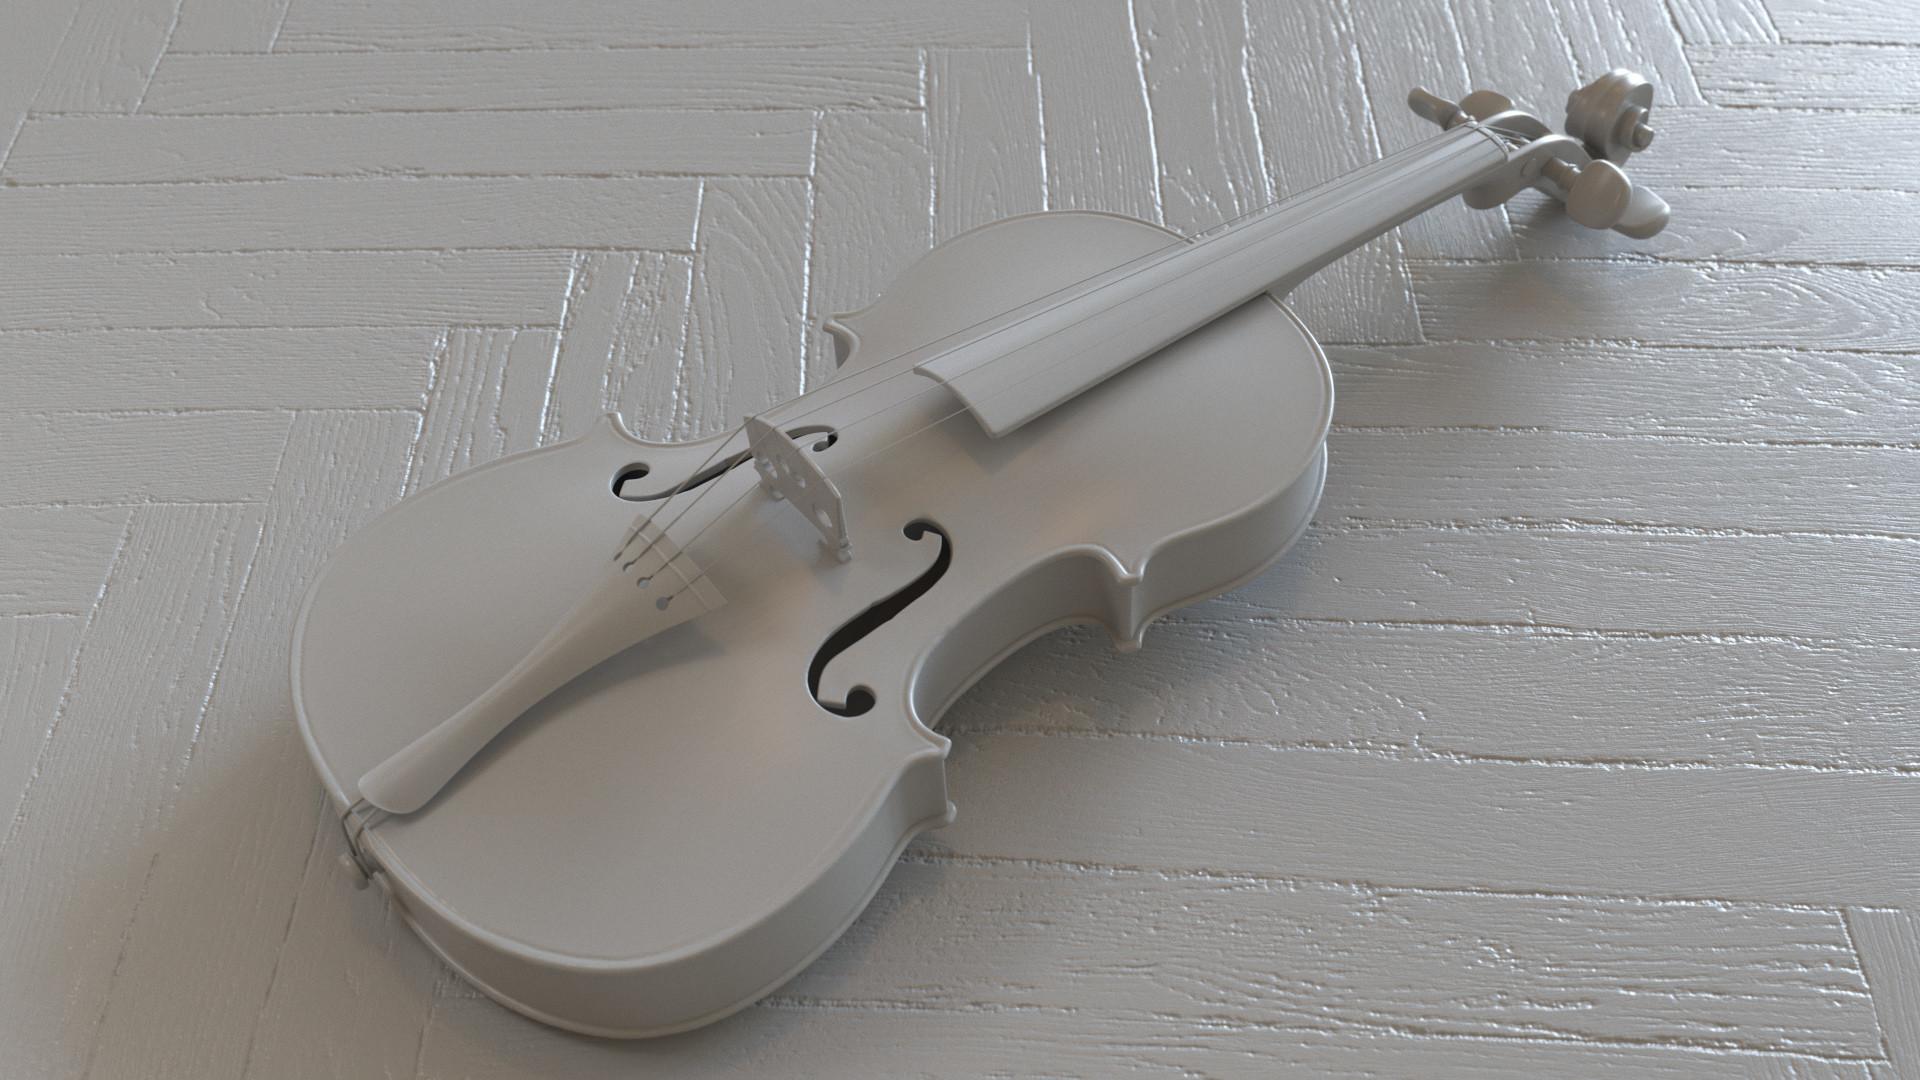 Gustav berg pedersen violinwip 05 clay 1080